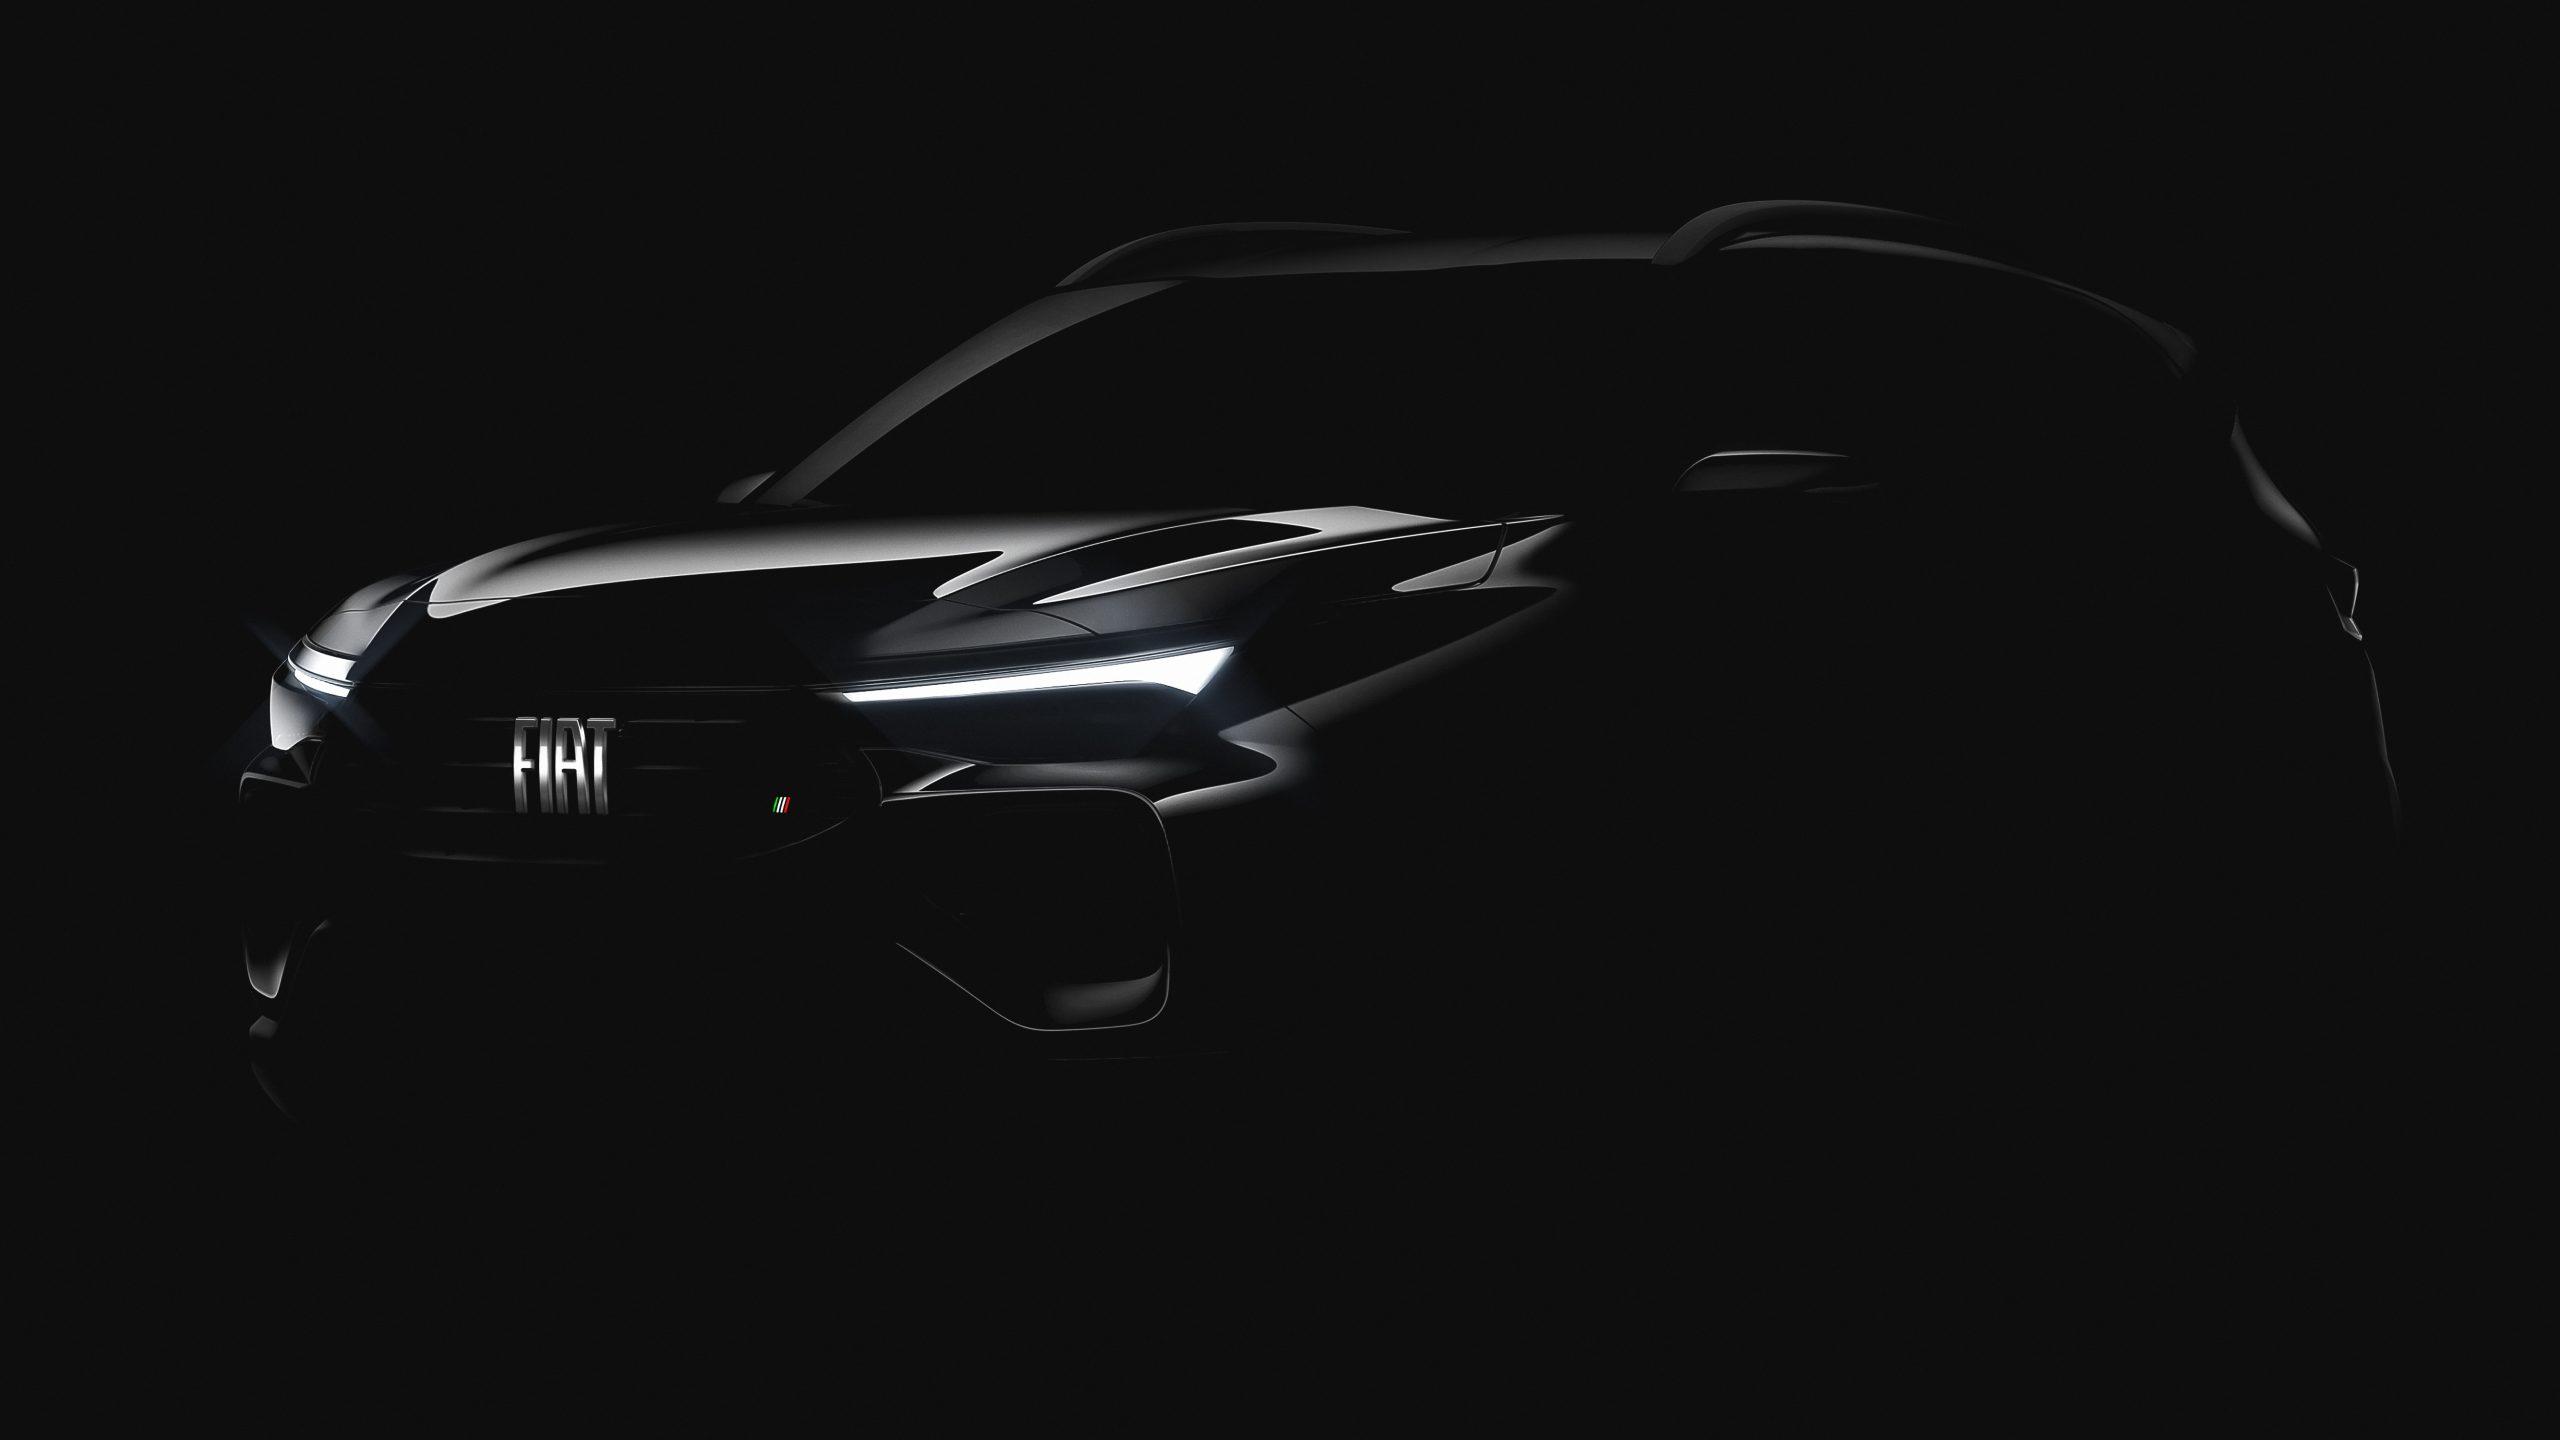 Novo carro da Fiat: motores, equipamentos e preços do 'SUV do BBB'